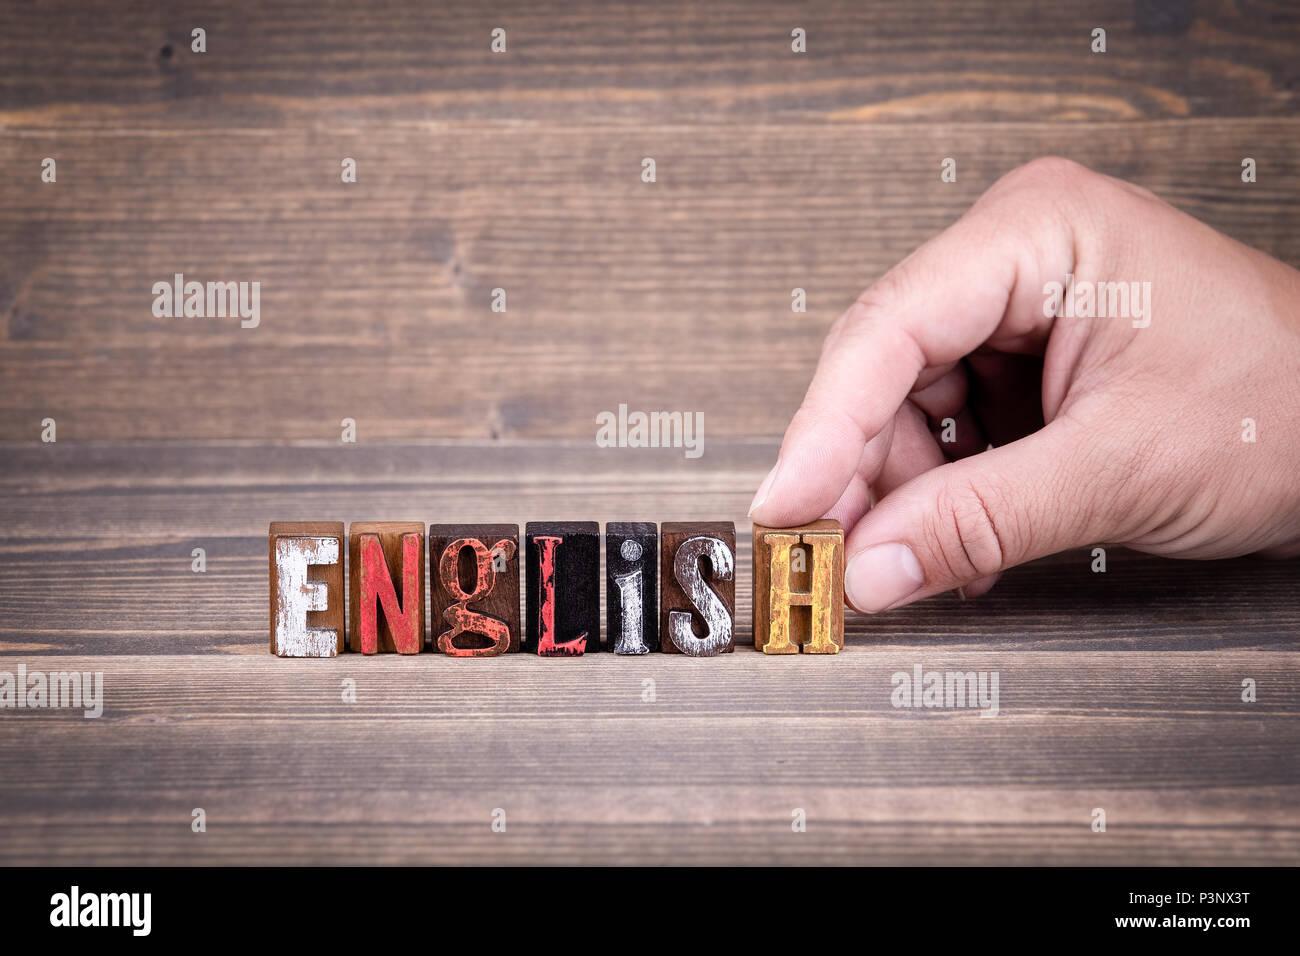 L'anglais, l'éducation et l'entreprise concept Photo Stock